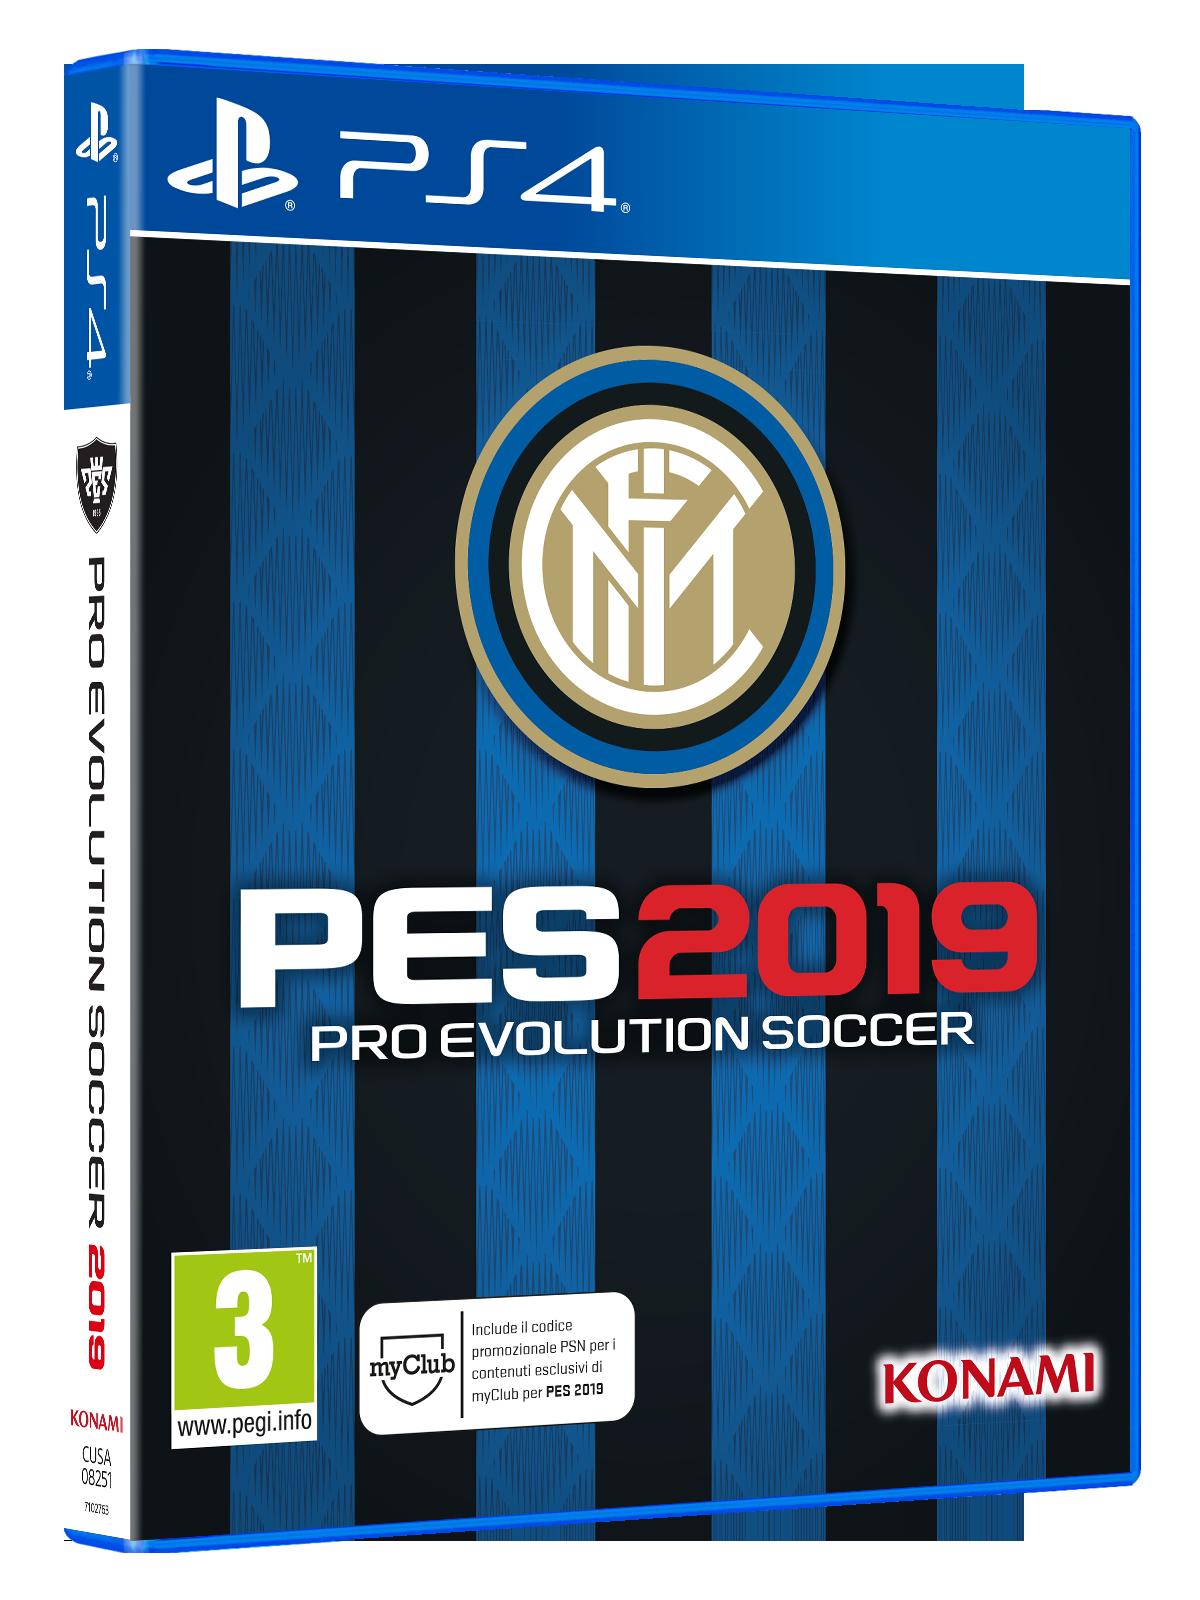 PES 2019 - Inter Edition disponibile all'acquisto in esclusiva da Gamestop 1